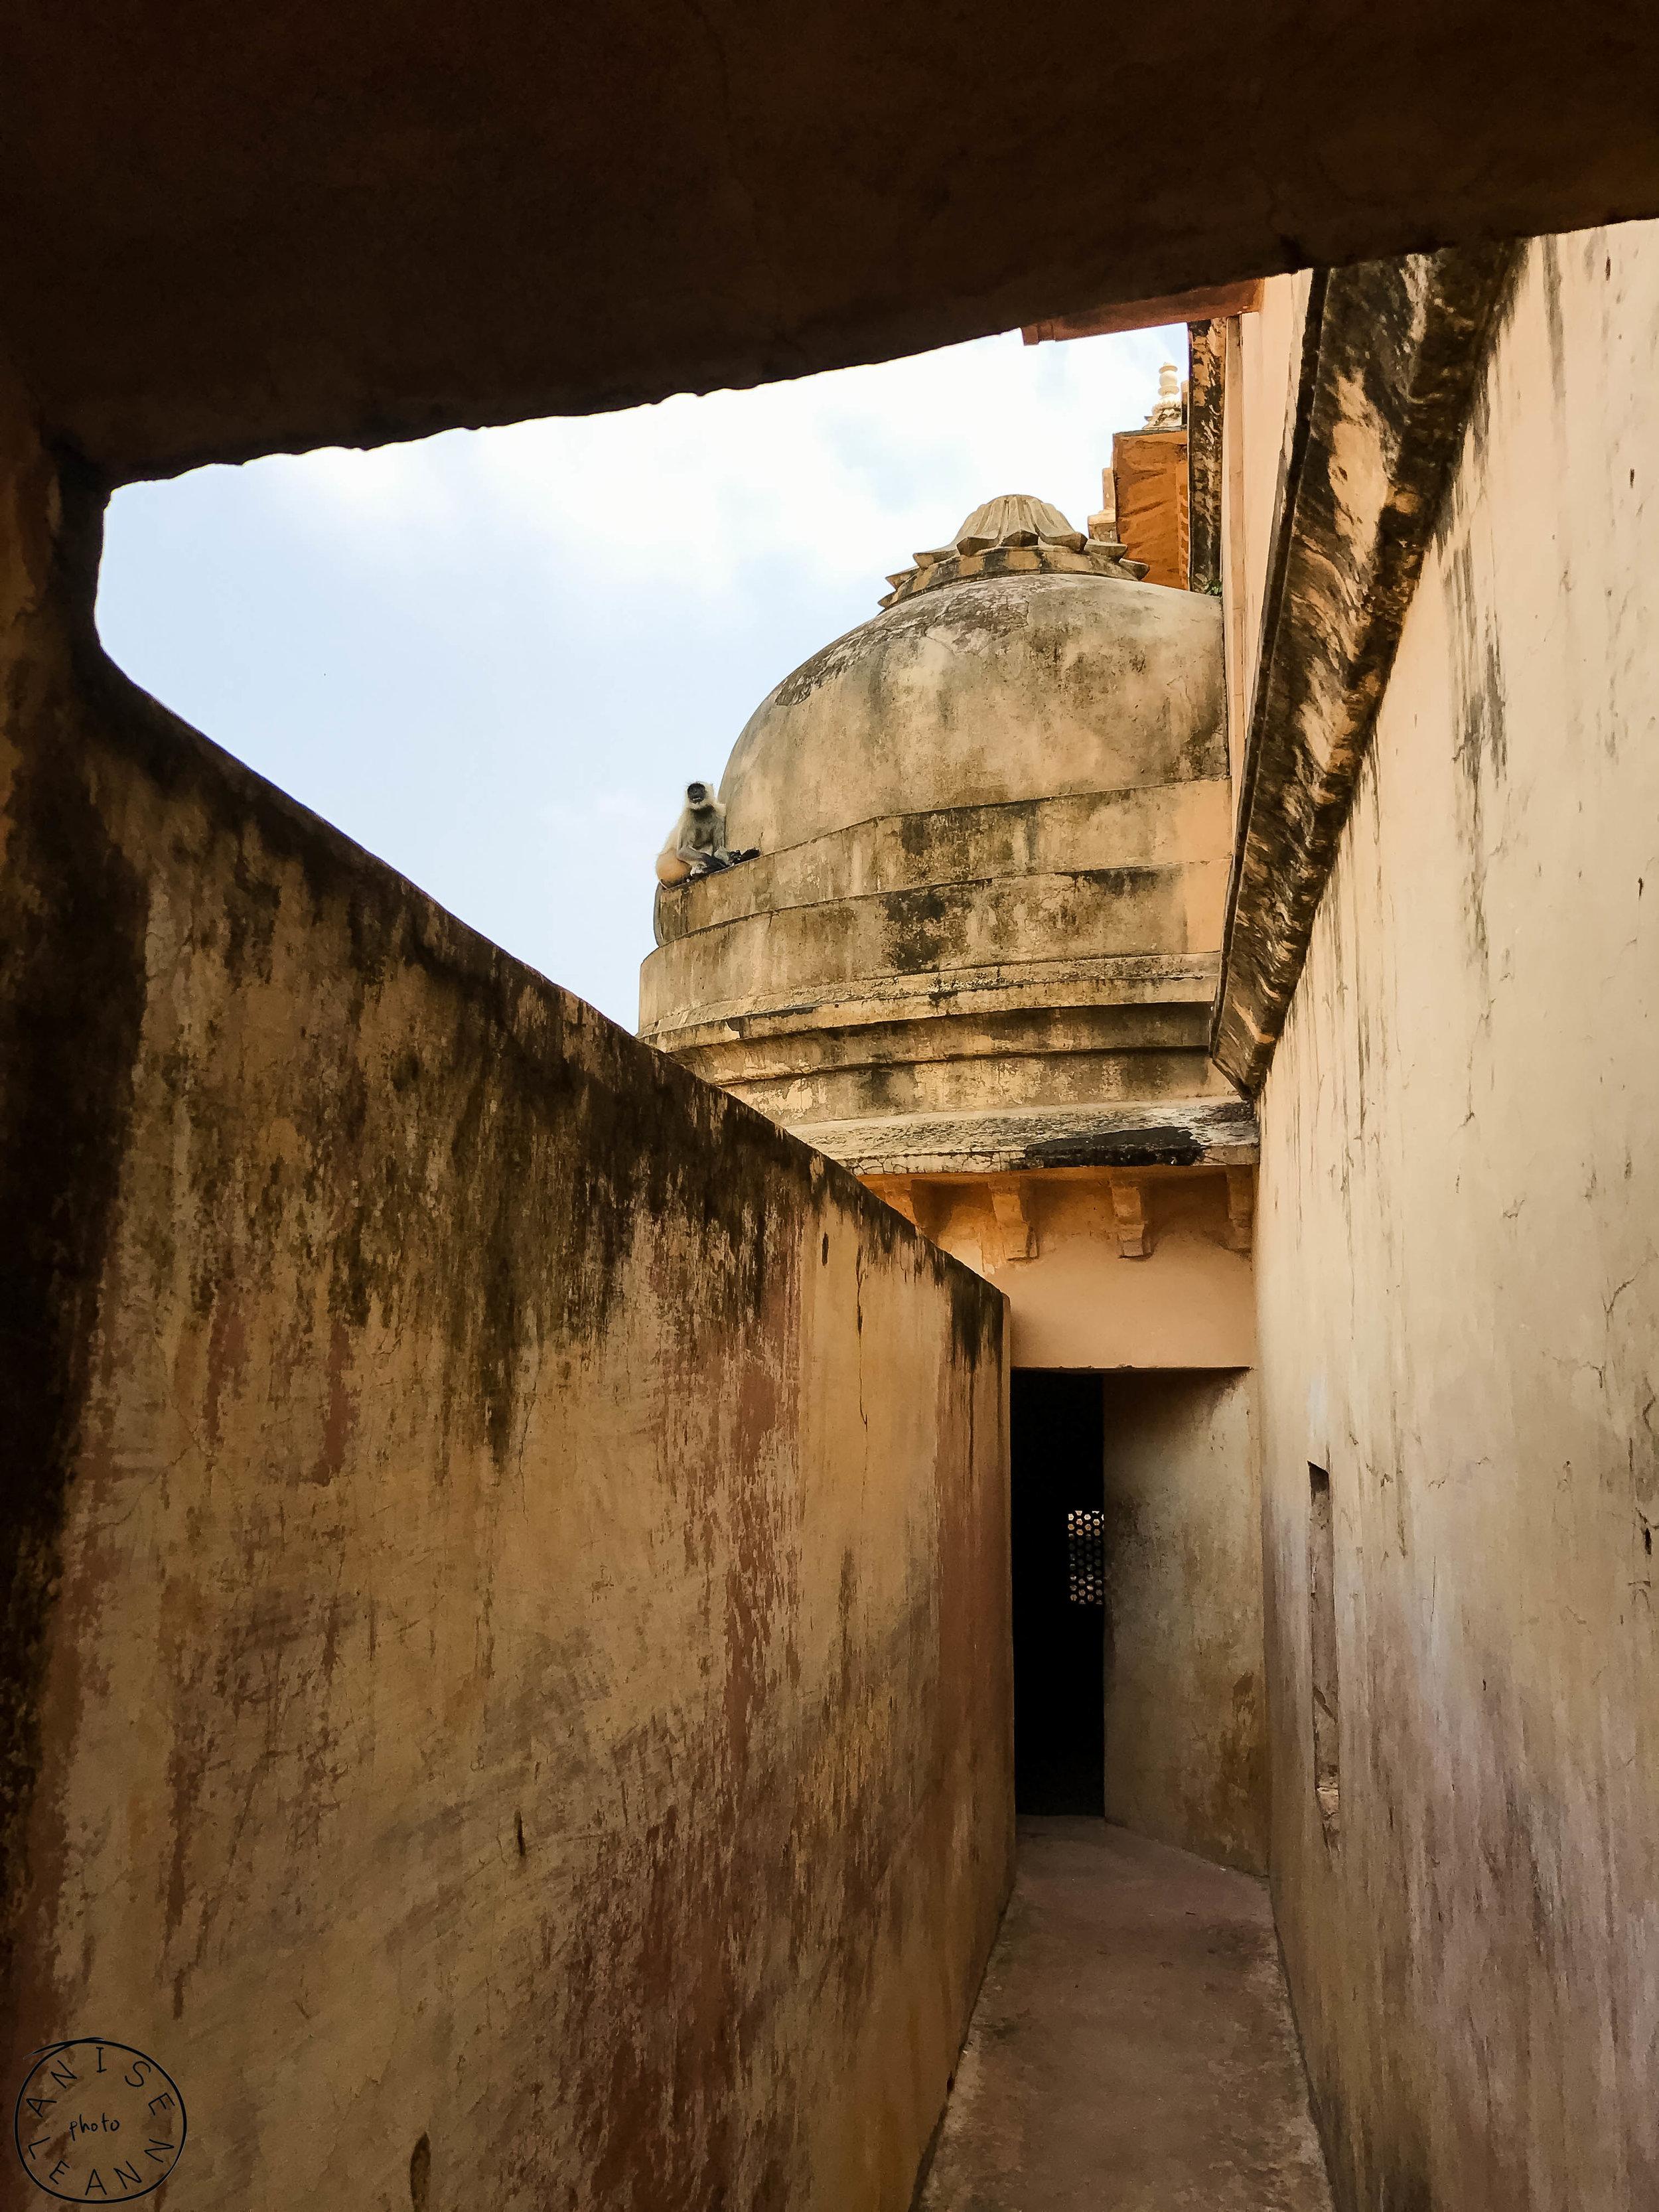 India-Jaipur-Day2-52.jpg